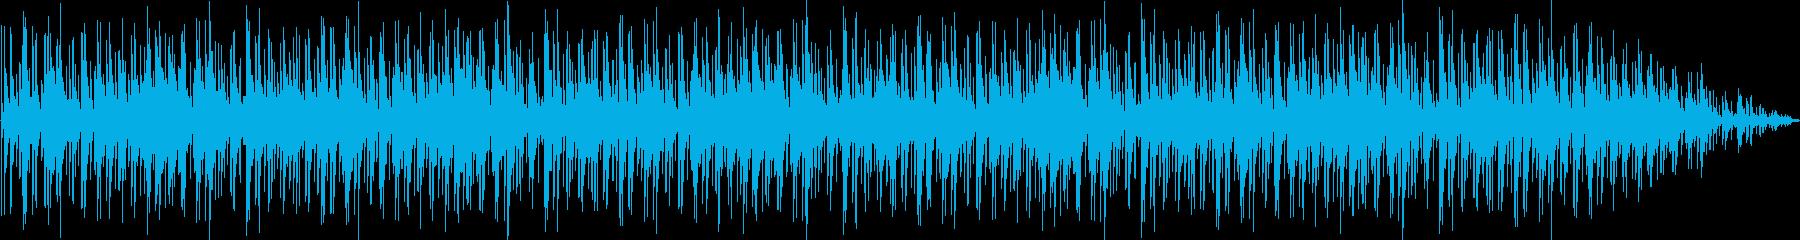 ジャズボッサインスト光の流れに優し...の再生済みの波形